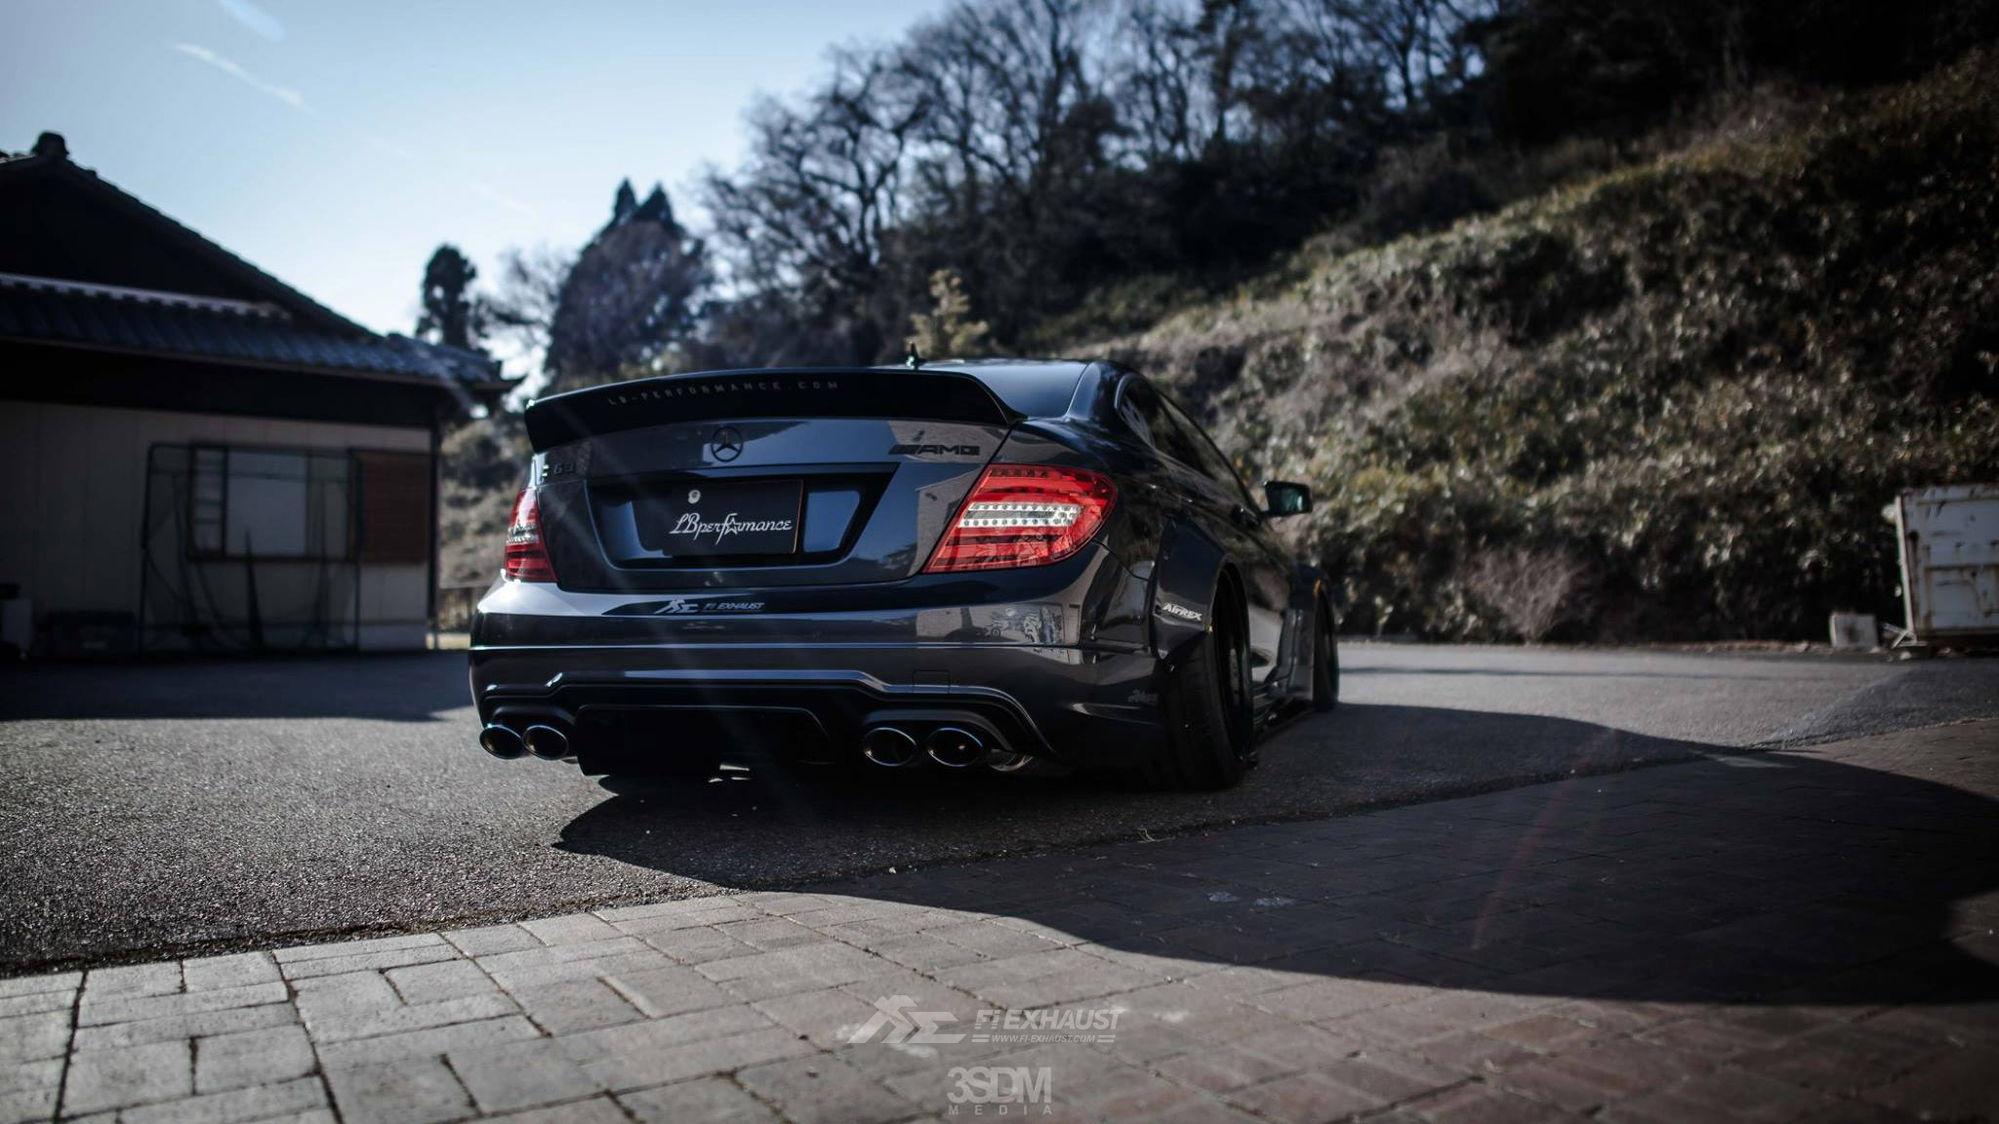 Fi exhaust l mercedes benz w204 c63 l remote app for Mercedes benz remote start app